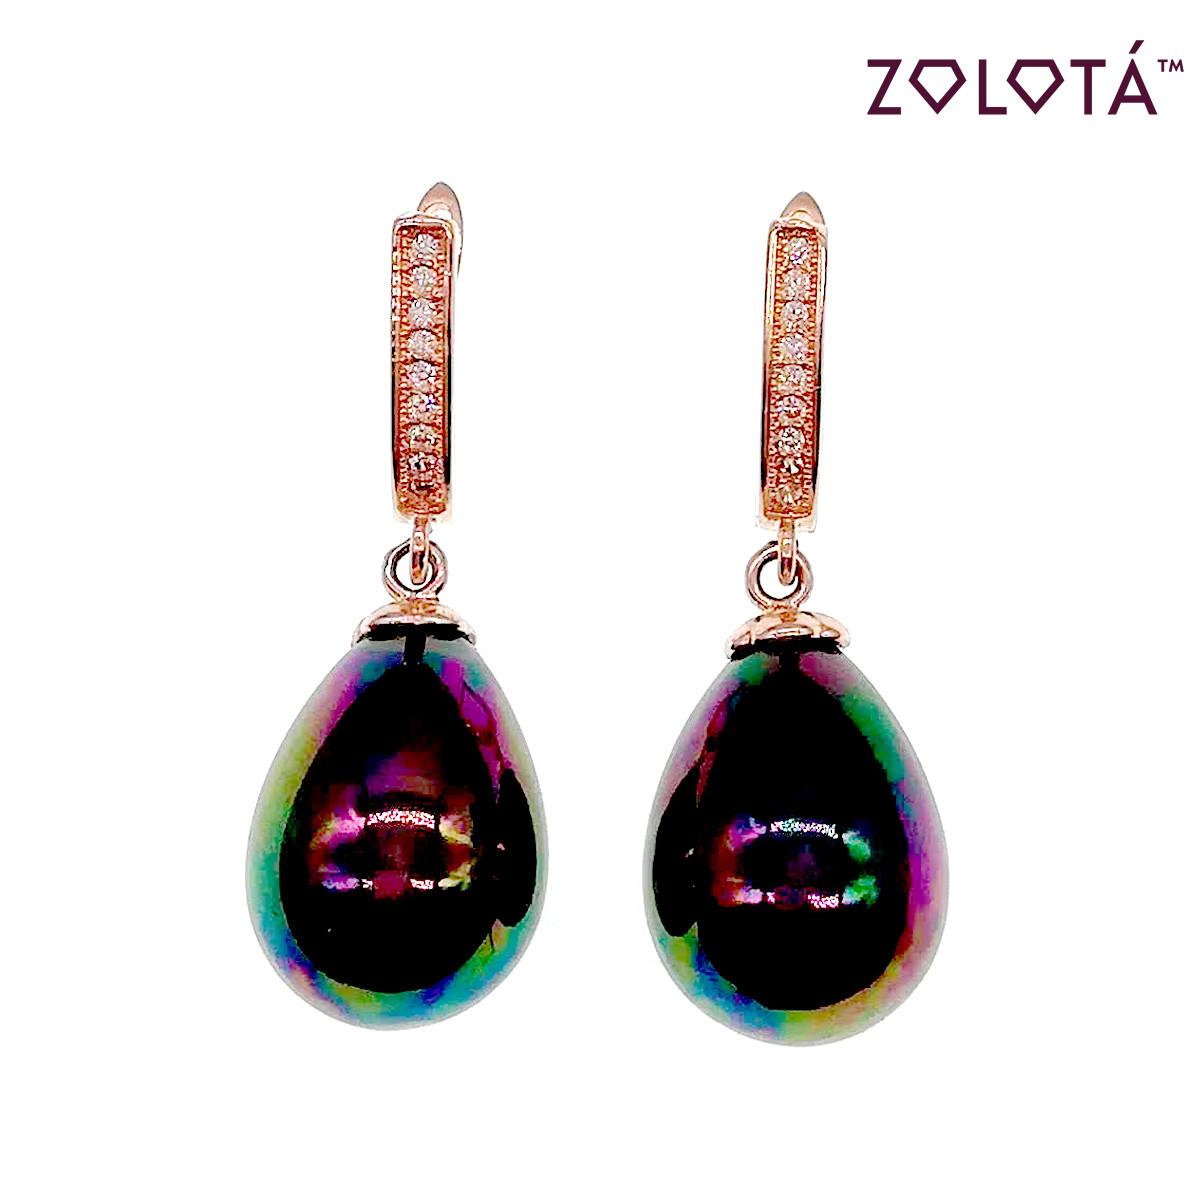 """Серьги Zolota с жемчугом """"майорка"""" цвета хамелеон, из медицинского золота, в позолоте, ЗЛ00446 (1)"""